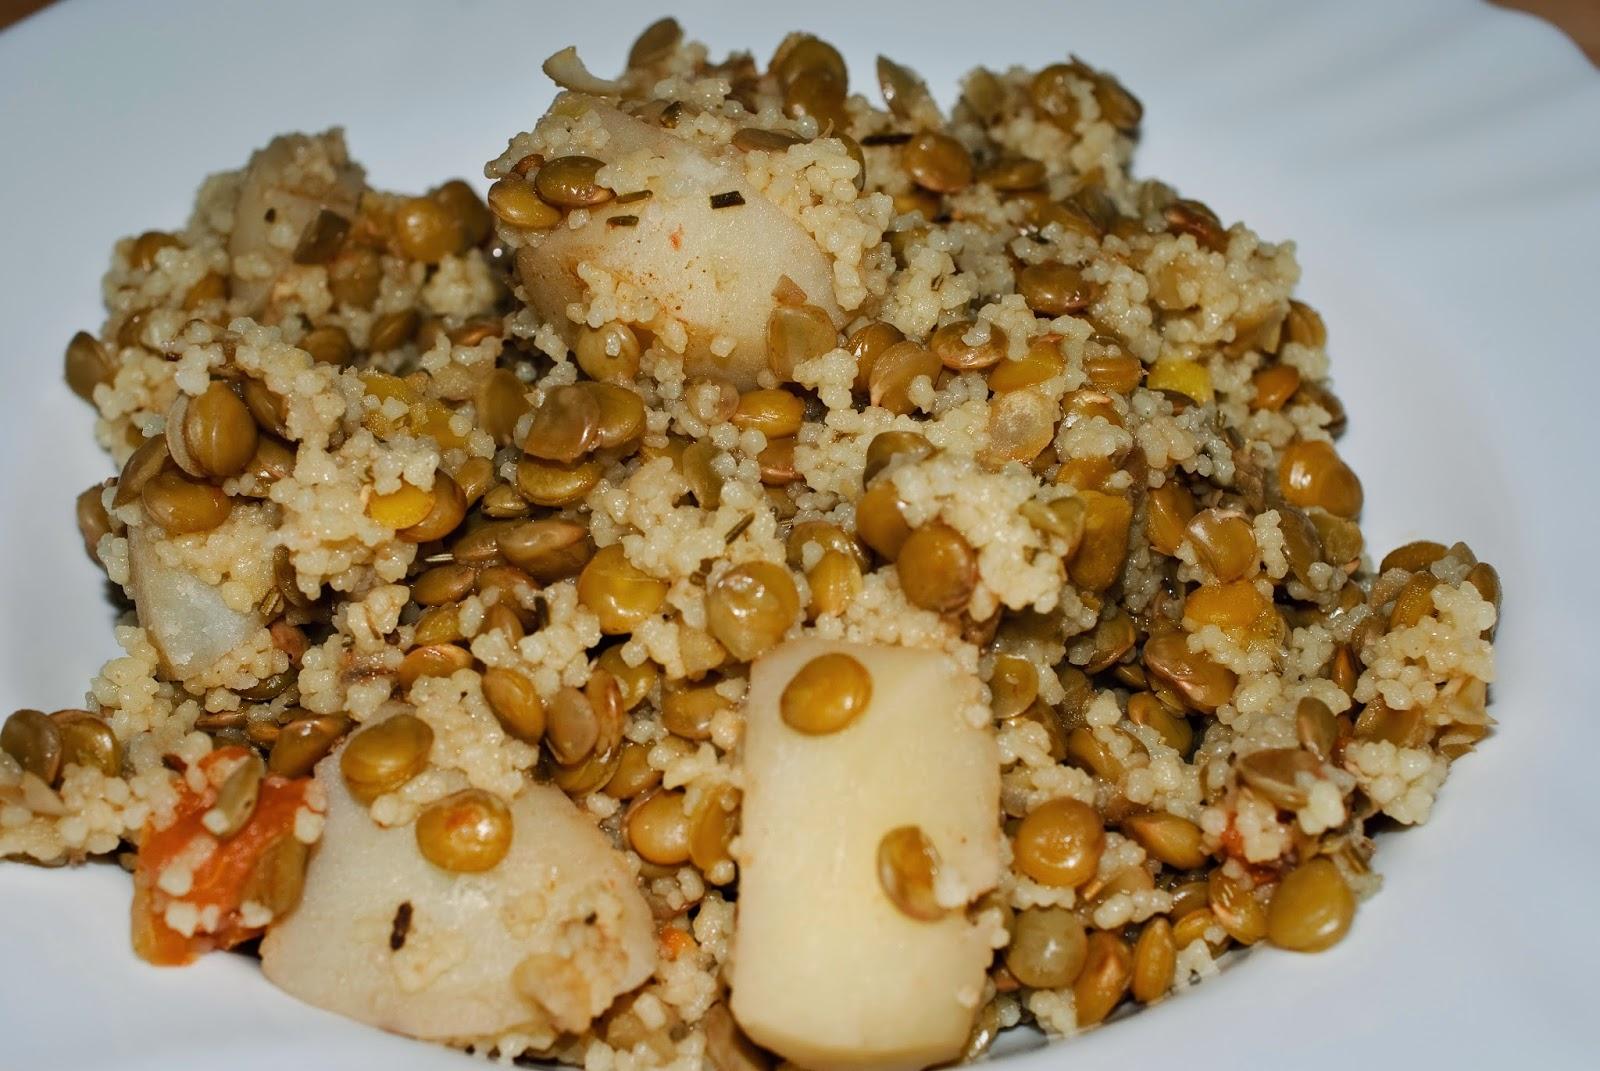 Lentejas con cuscús; lentils and couscous